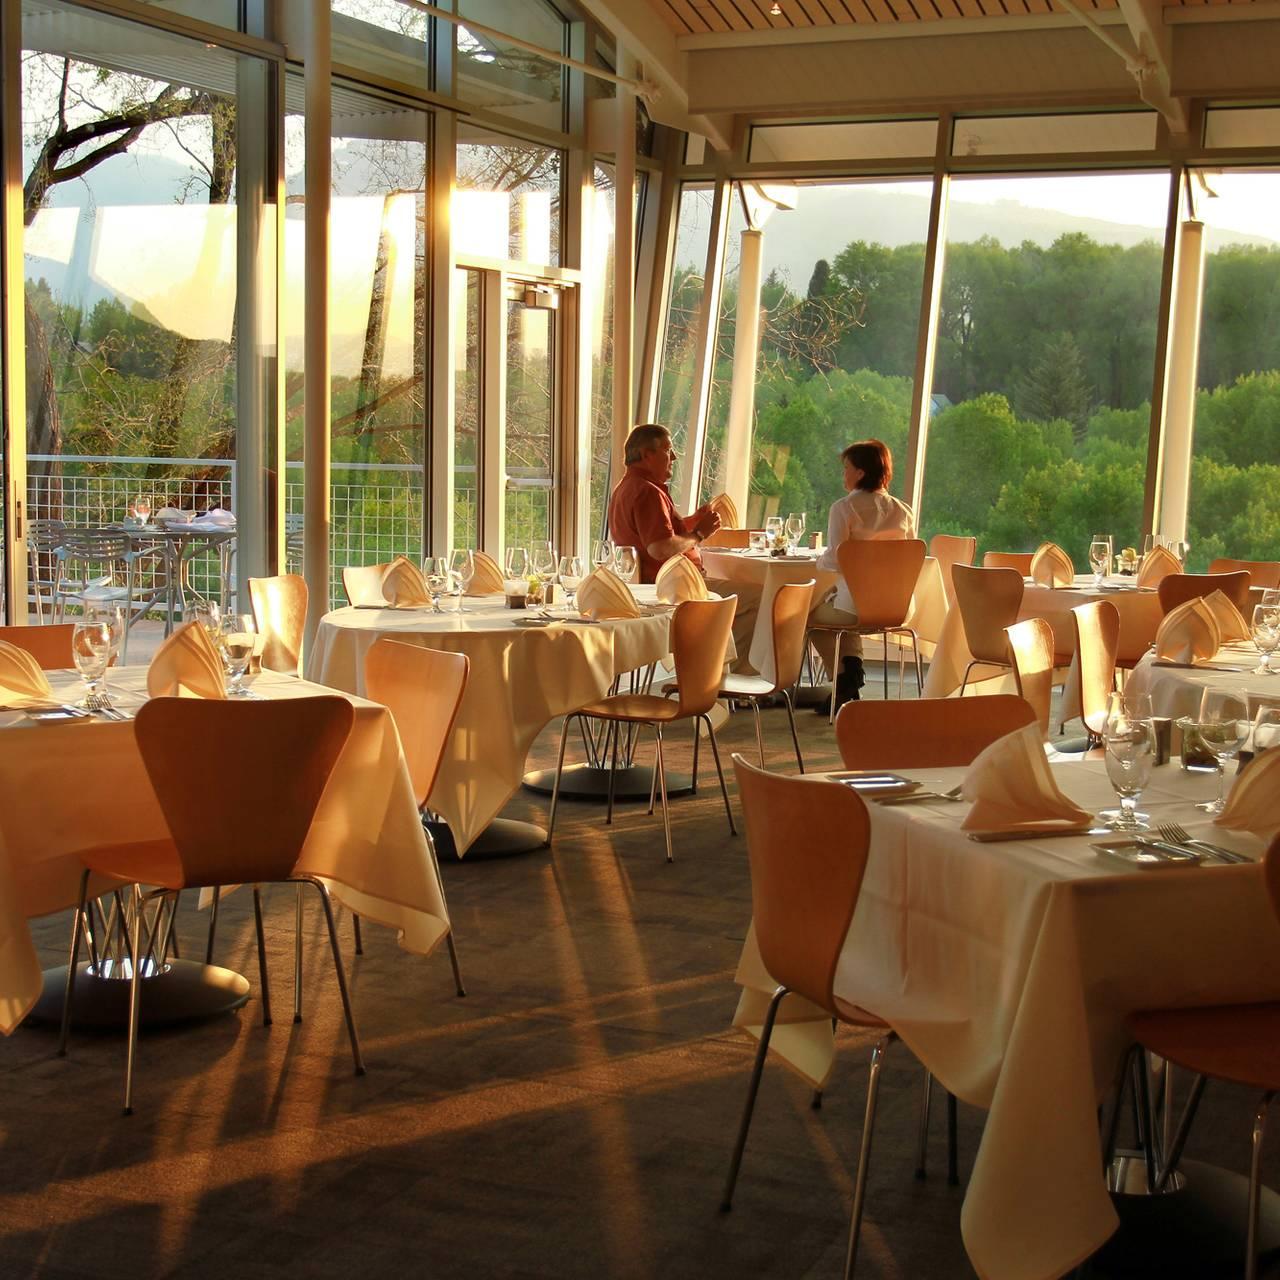 Plato S Restaurant Aspen Co Opentable